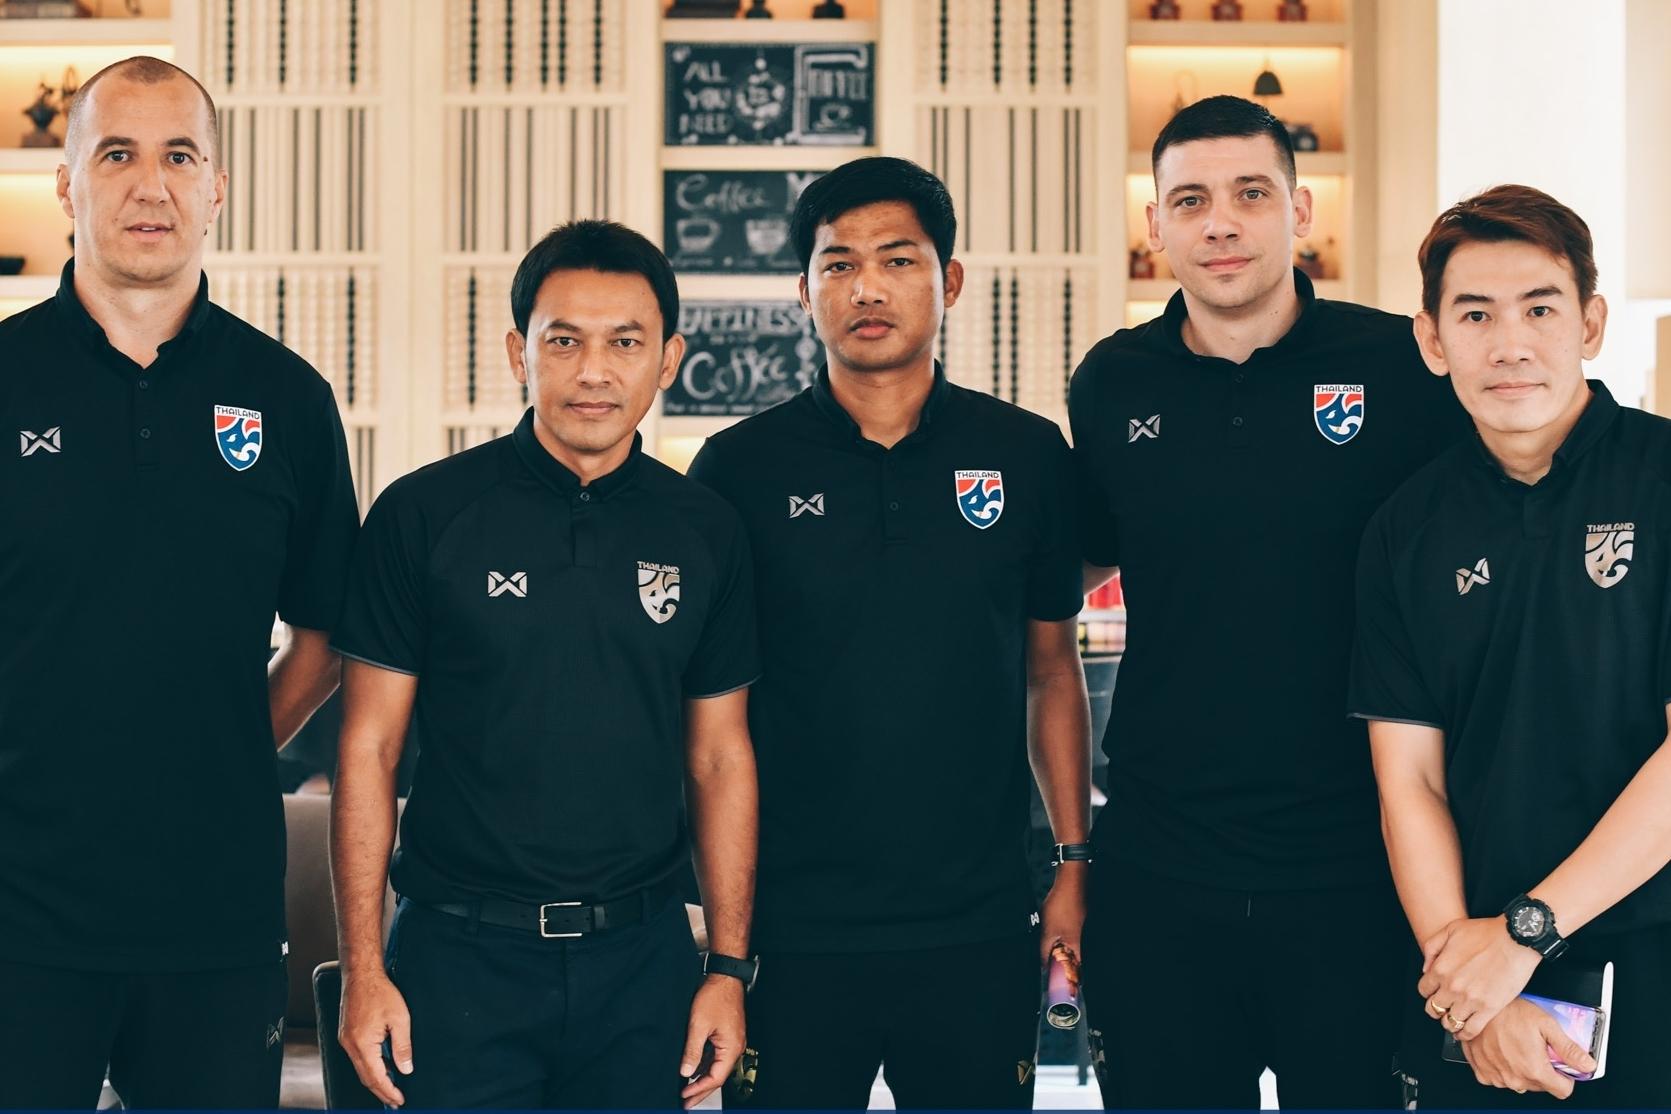 ทีมชาติอินโดนีเซีย ทีมชาติเวียดนาม ธชตวัน ศรีปาน อนุรักษ์ ศรีเกิด อากิระ นิชิโนะ